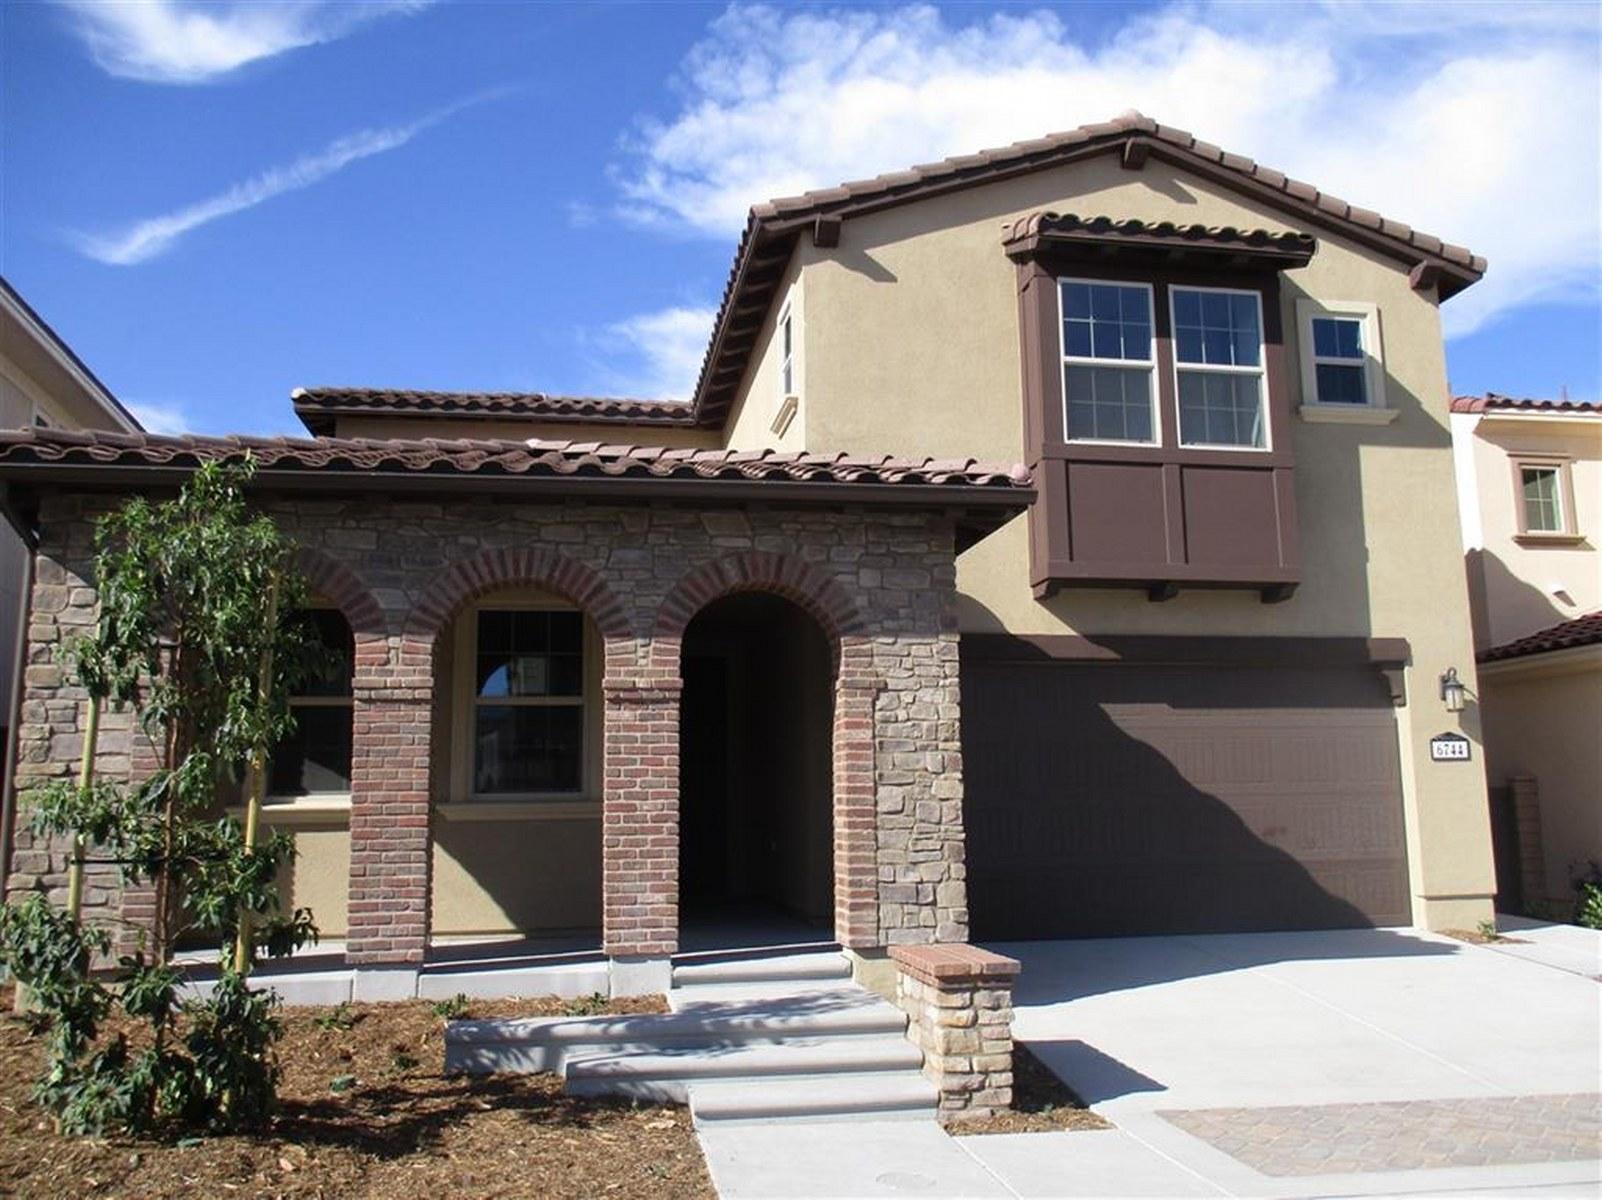 Maison unifamiliale pour l Vente à Casabella 6744 Monterra Trail Carmel Valley, San Diego, Californie 92130 États-Unis